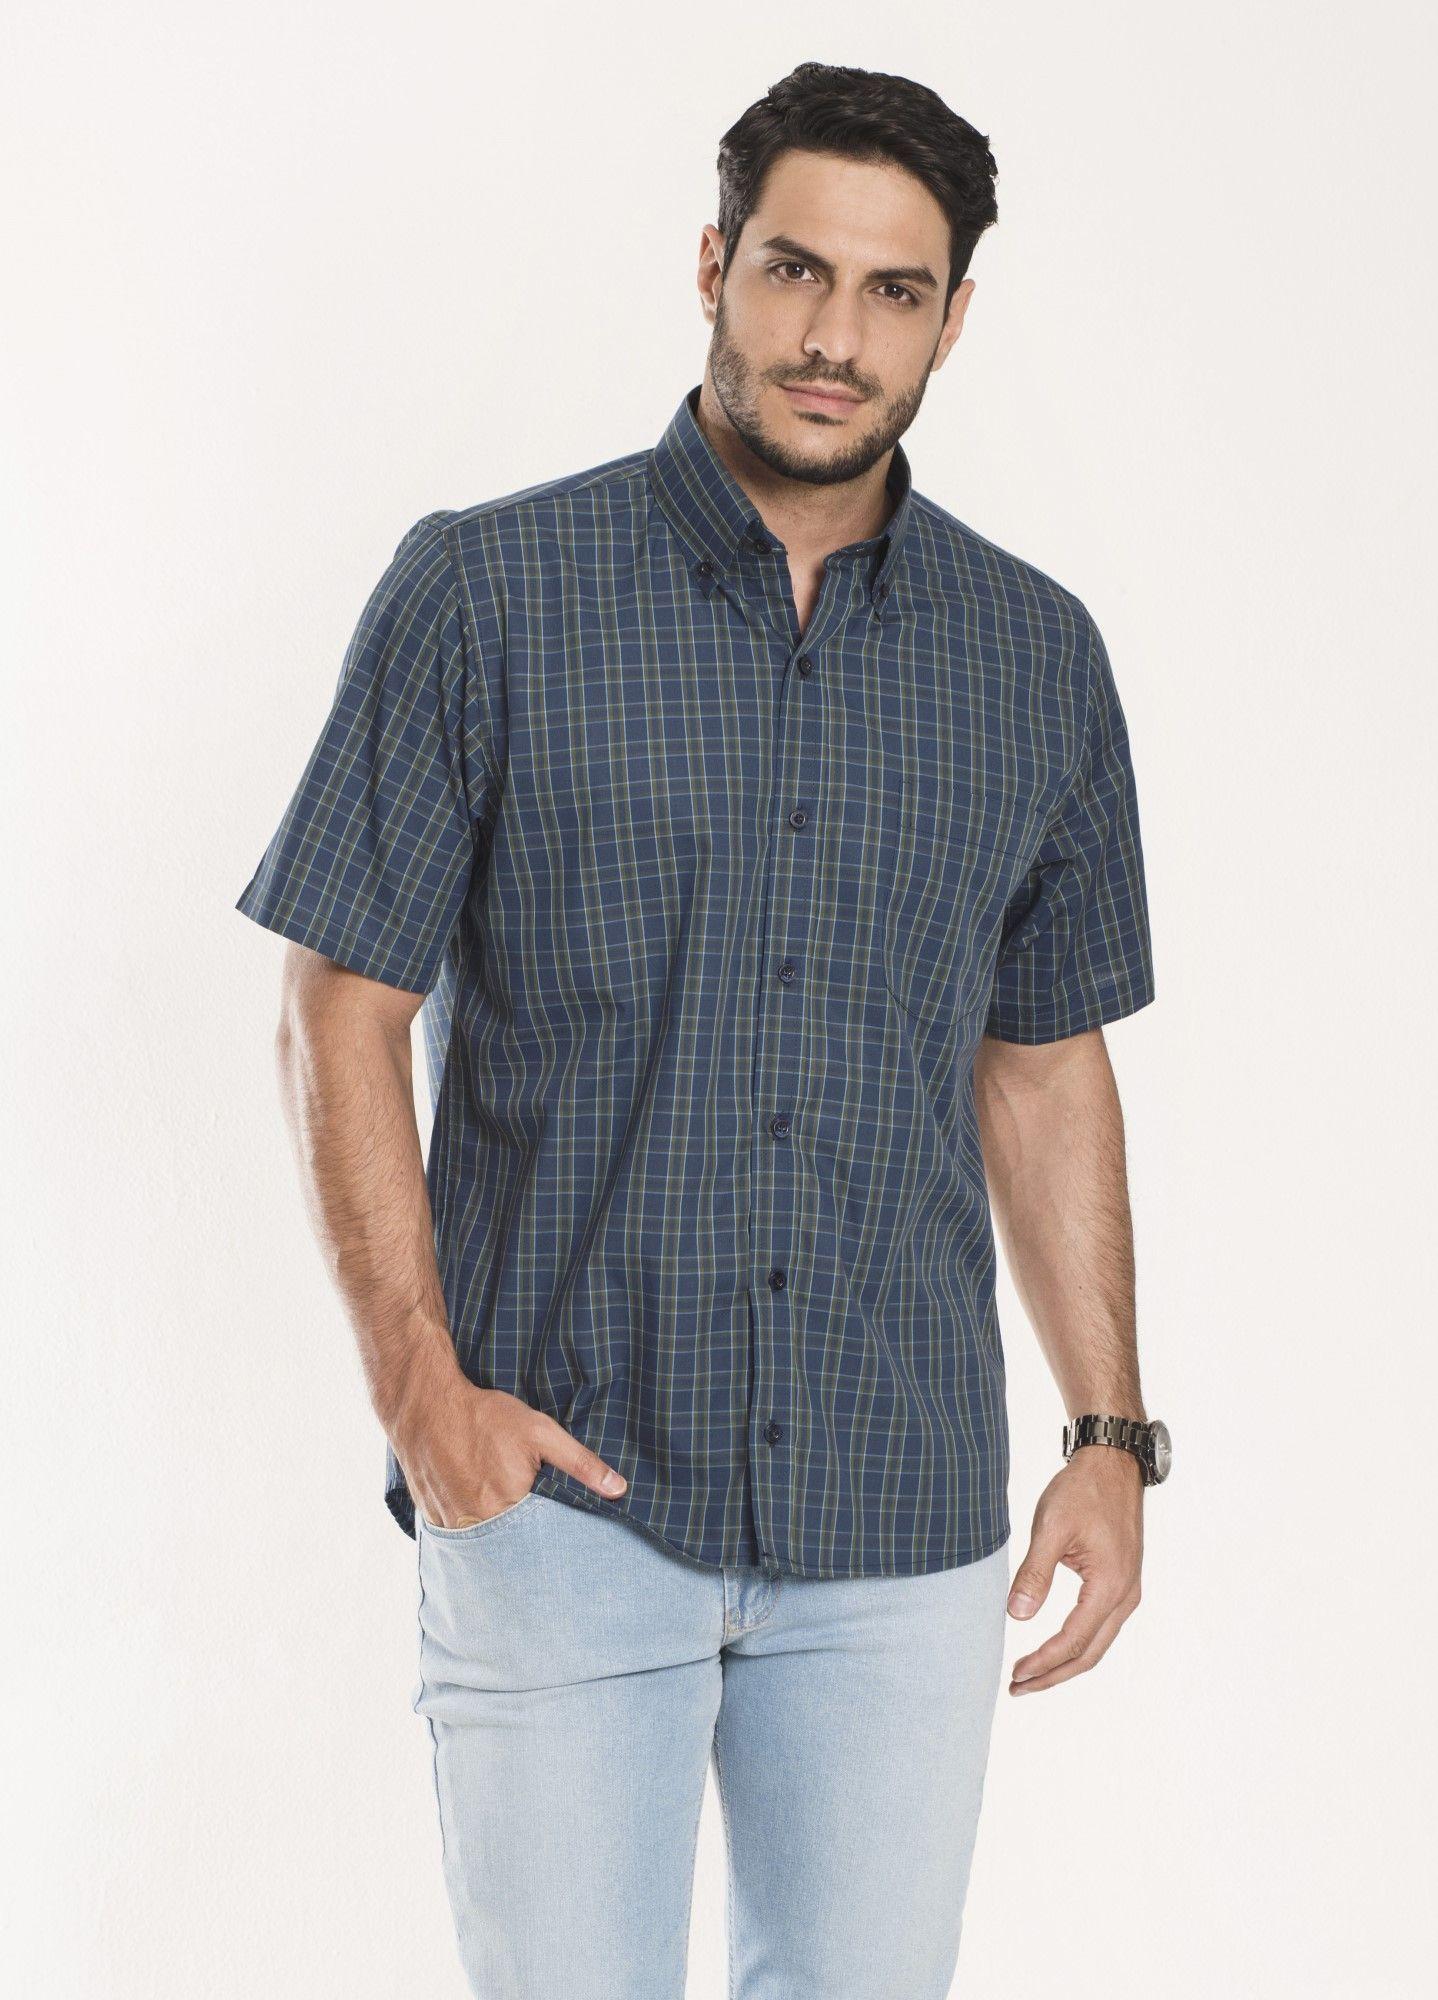 Camisa Xadrez Manga Curta Azul e Verde